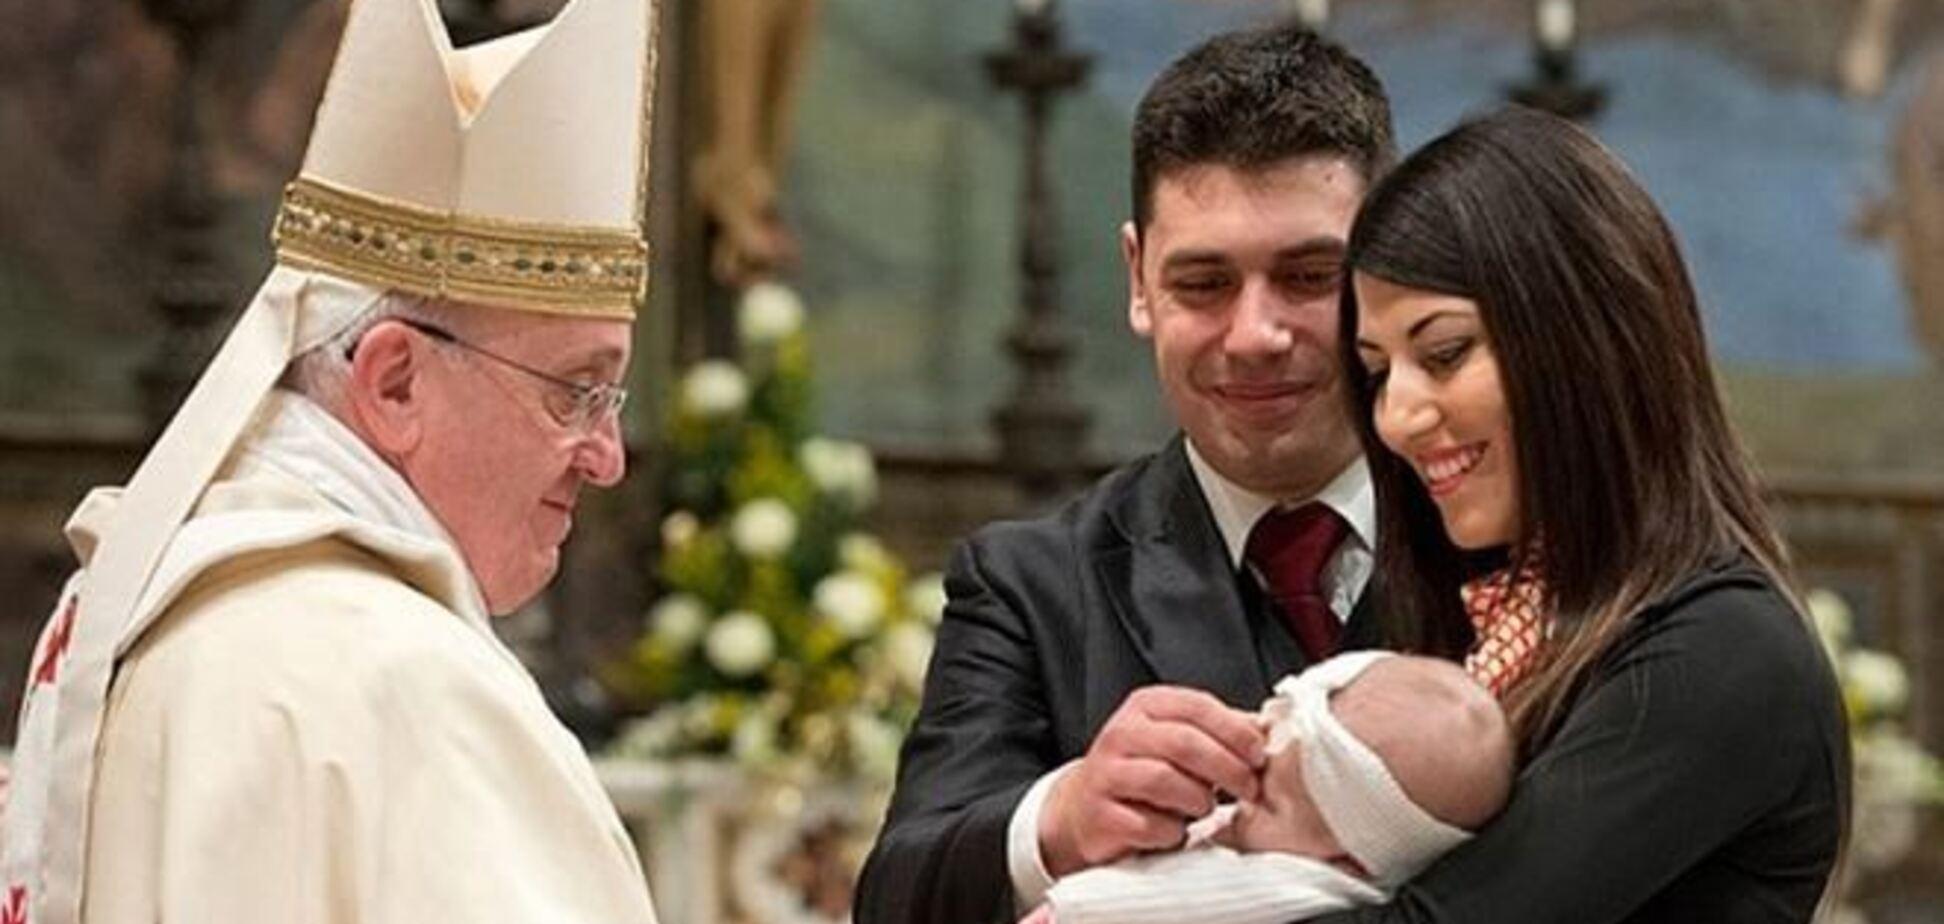 Тисячі закоханих відсвяткують Валентинів день з Папою Франциском